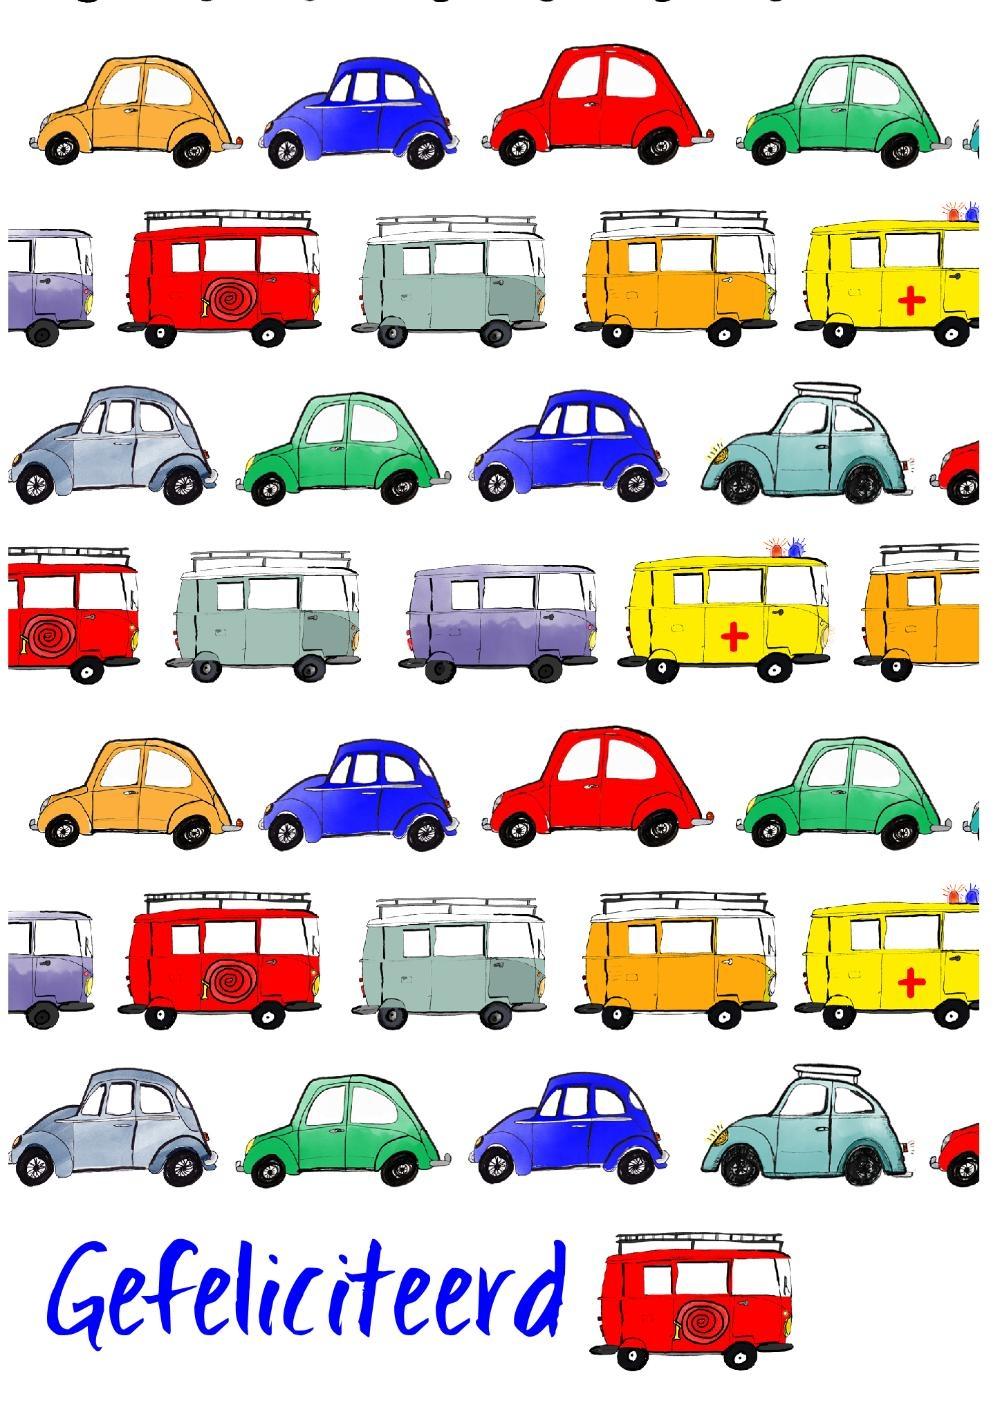 Verjaardagskaart Gekleurde Auto Kaartjeposten Nl